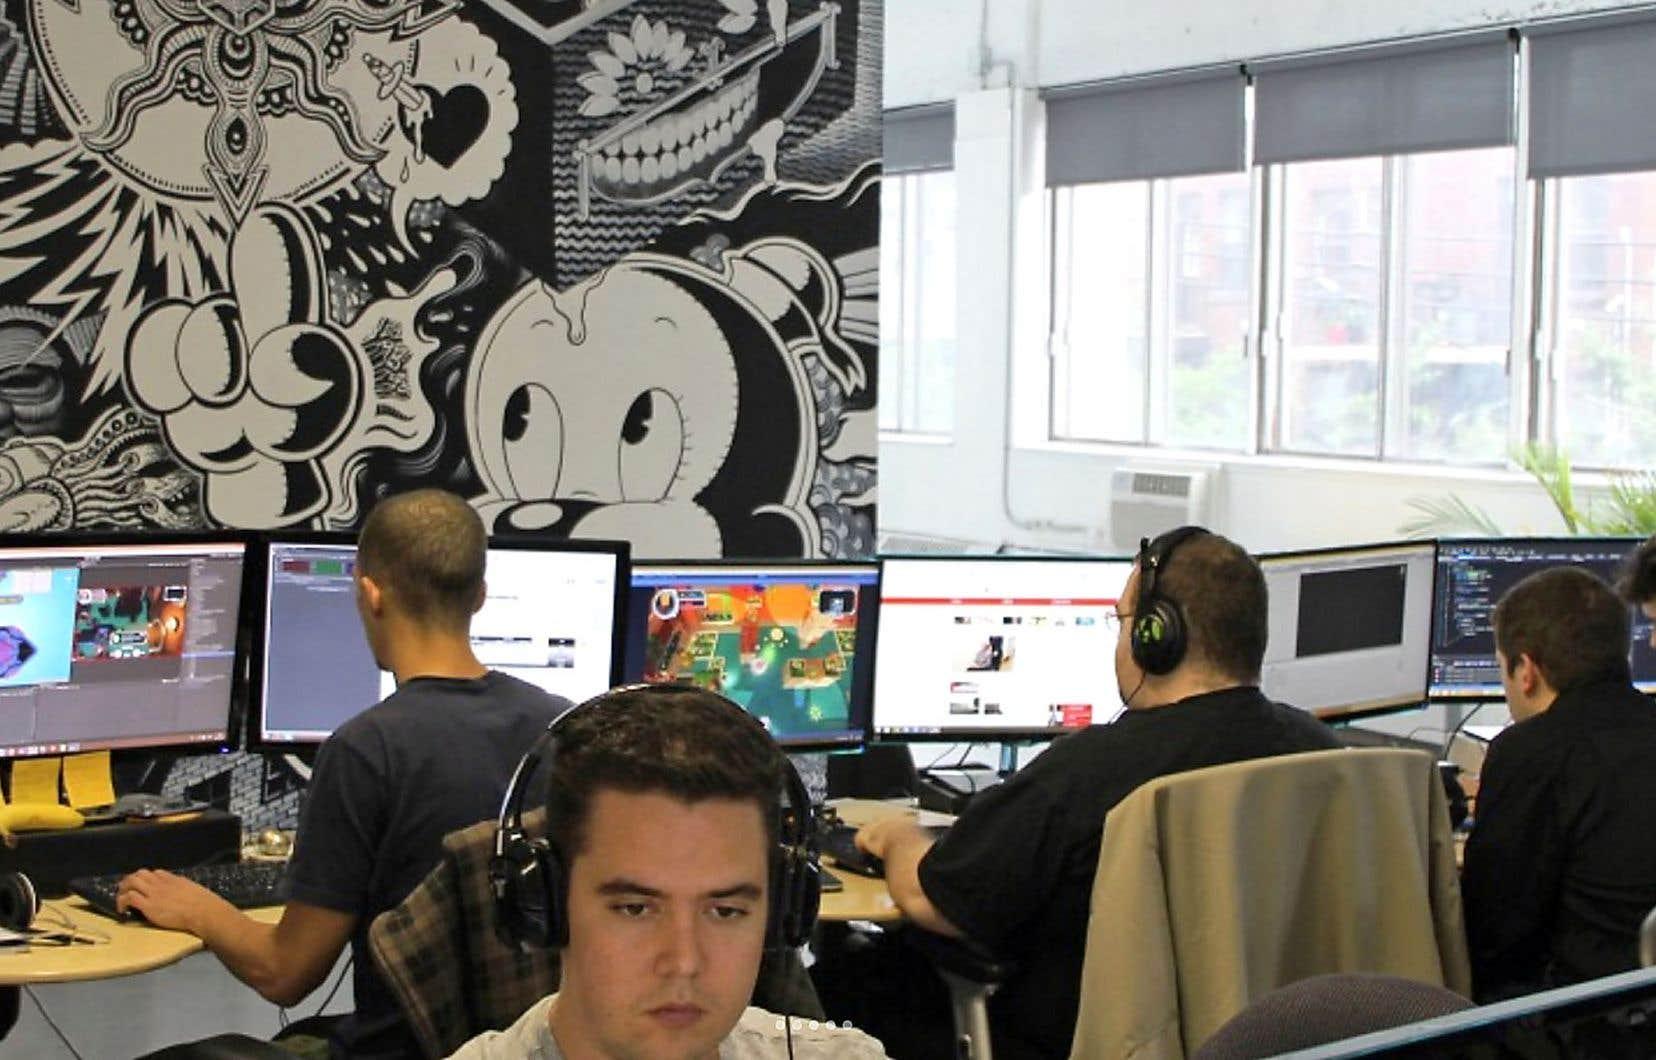 Le studio indépendant en jeux vidéo iLLOGIKA, basé à Montréal, compte quelque 45 employés.